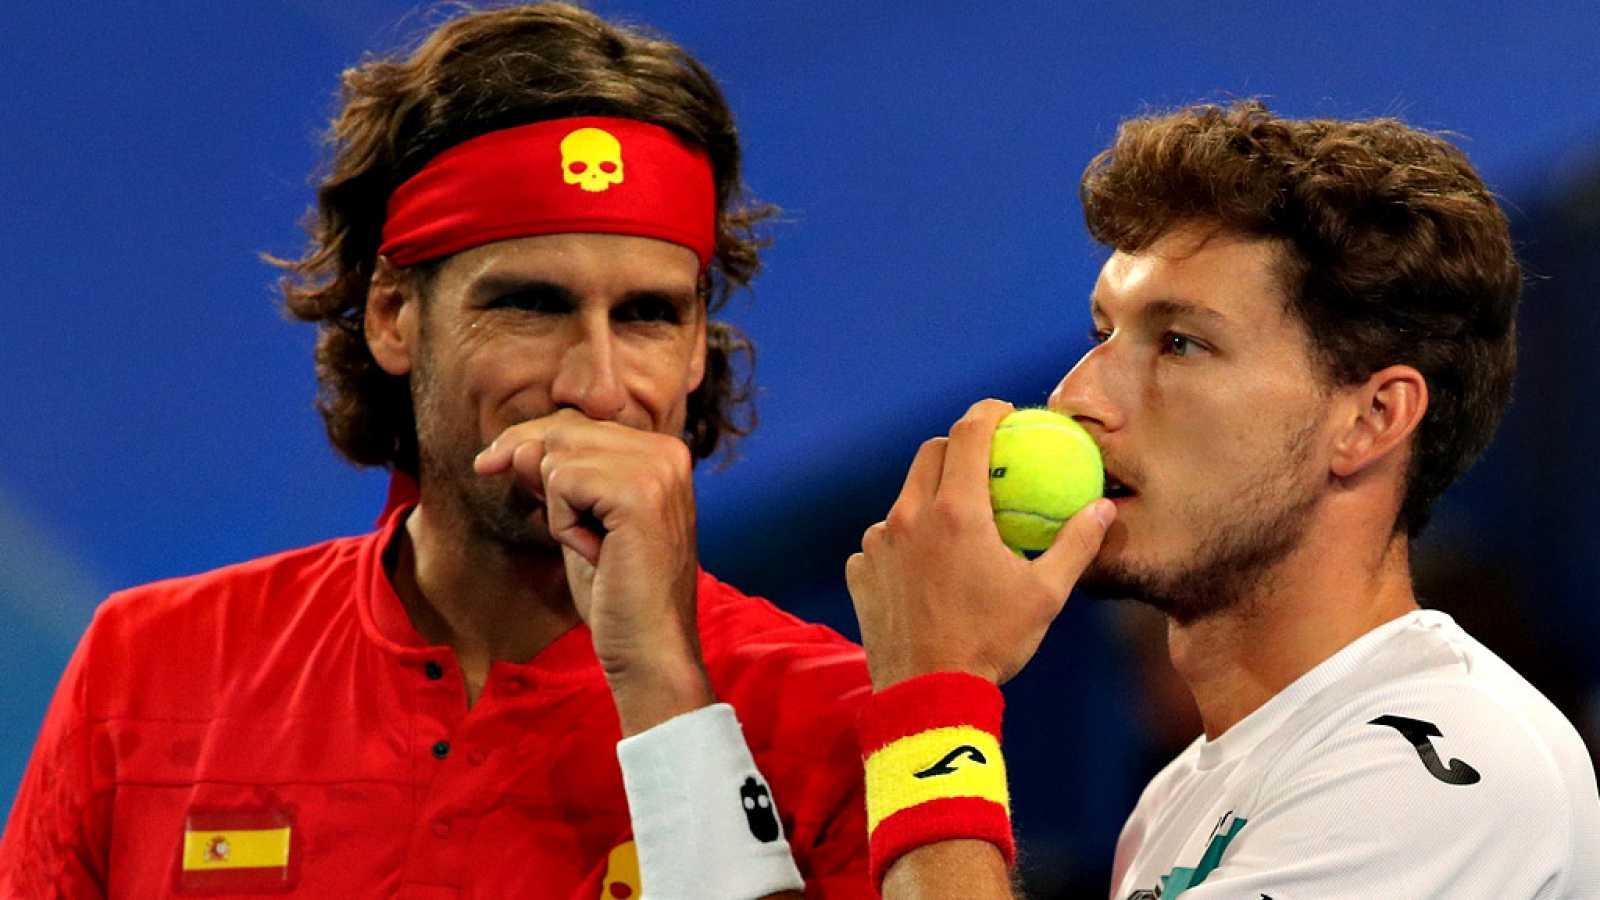 El equipo español repitió 3-0 en la Copa ATP frente a Uruguay, con un Rafael Nadal arrollador, mientras que Serbia, que doblegó a Francia por 2-1, y aseguró su pase a los cuartos de final. Ante unos 14.000 aficionados en el RAC Arena de Perth, España